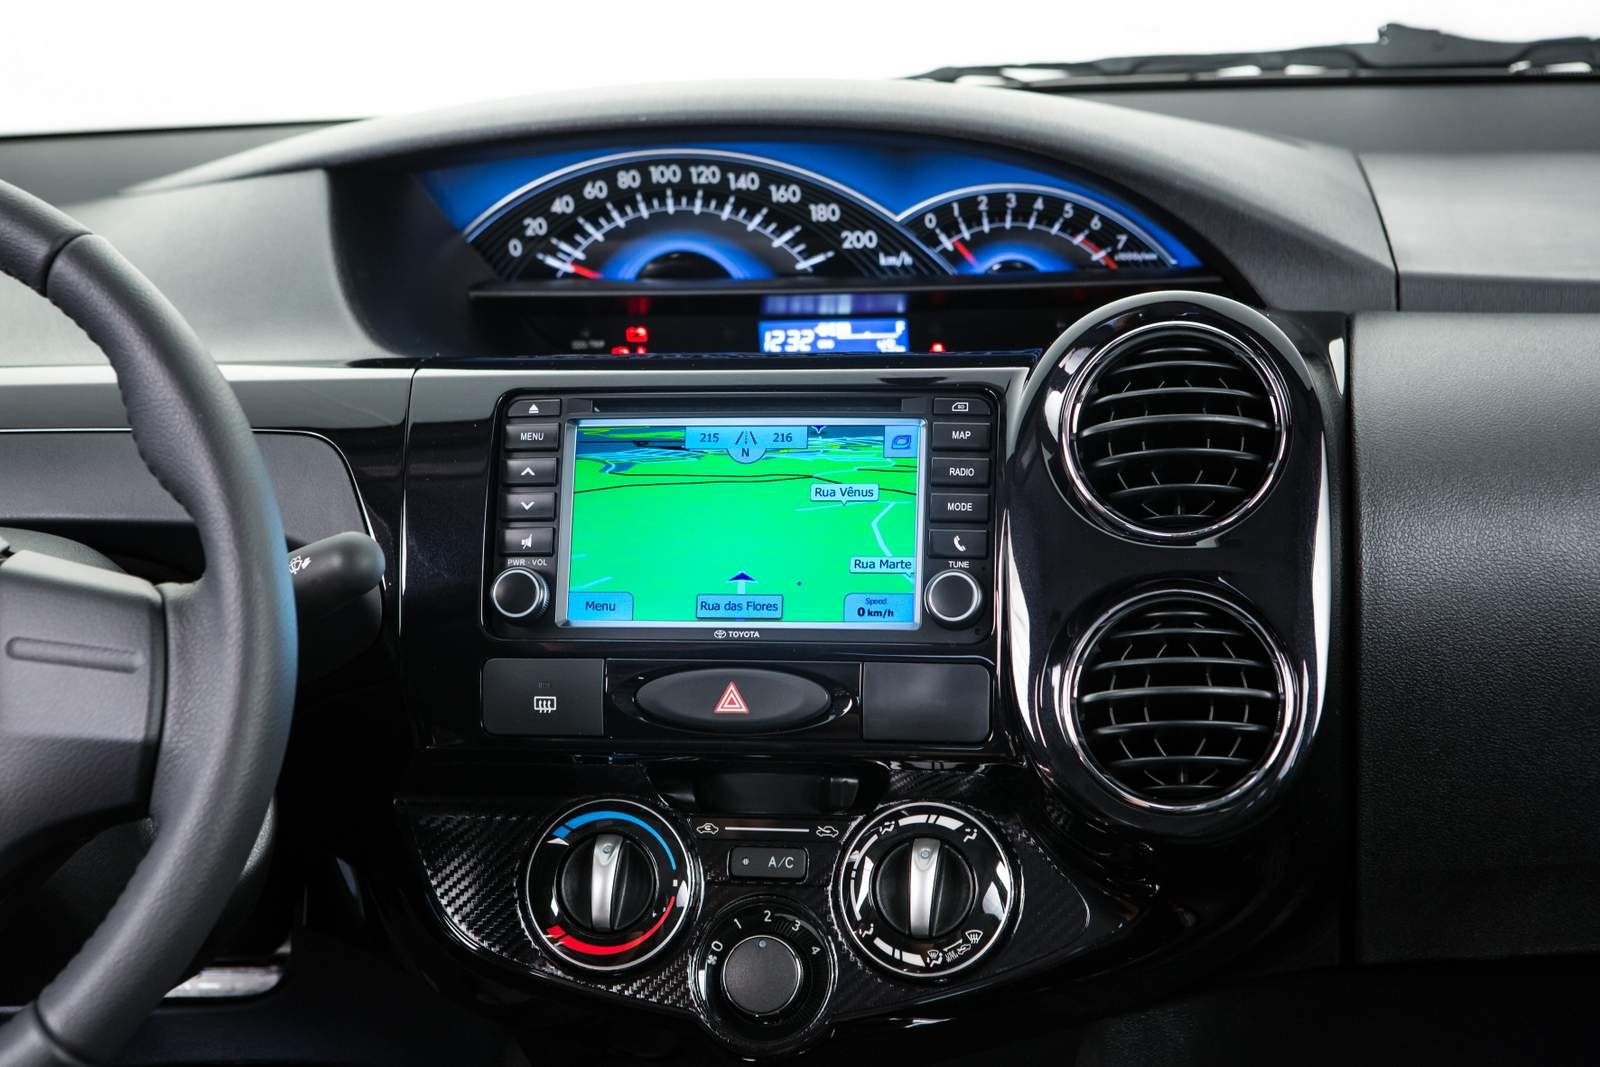 Toyota Etios 2015 - interior